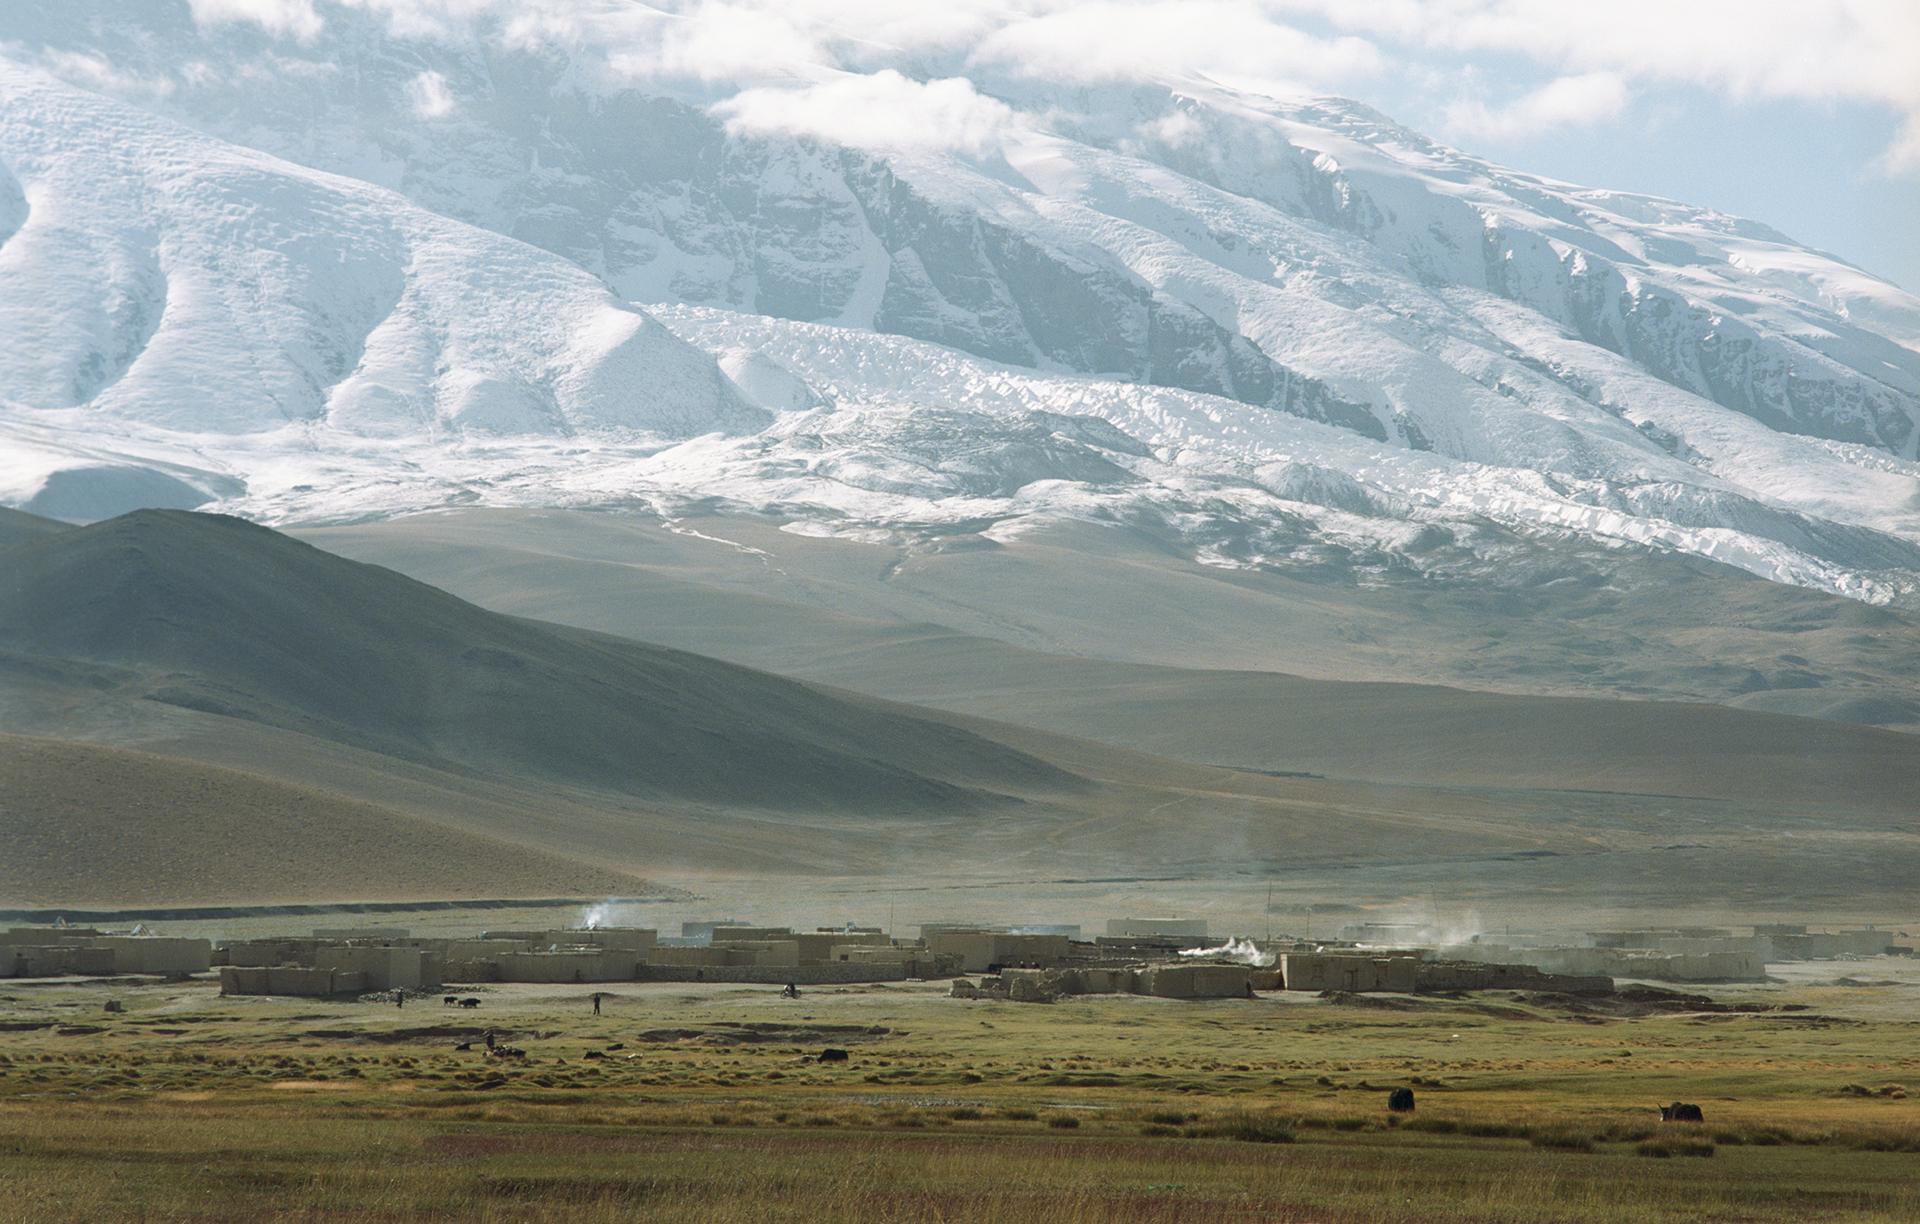 2007 Xinjiang - the Karaköl Plateau